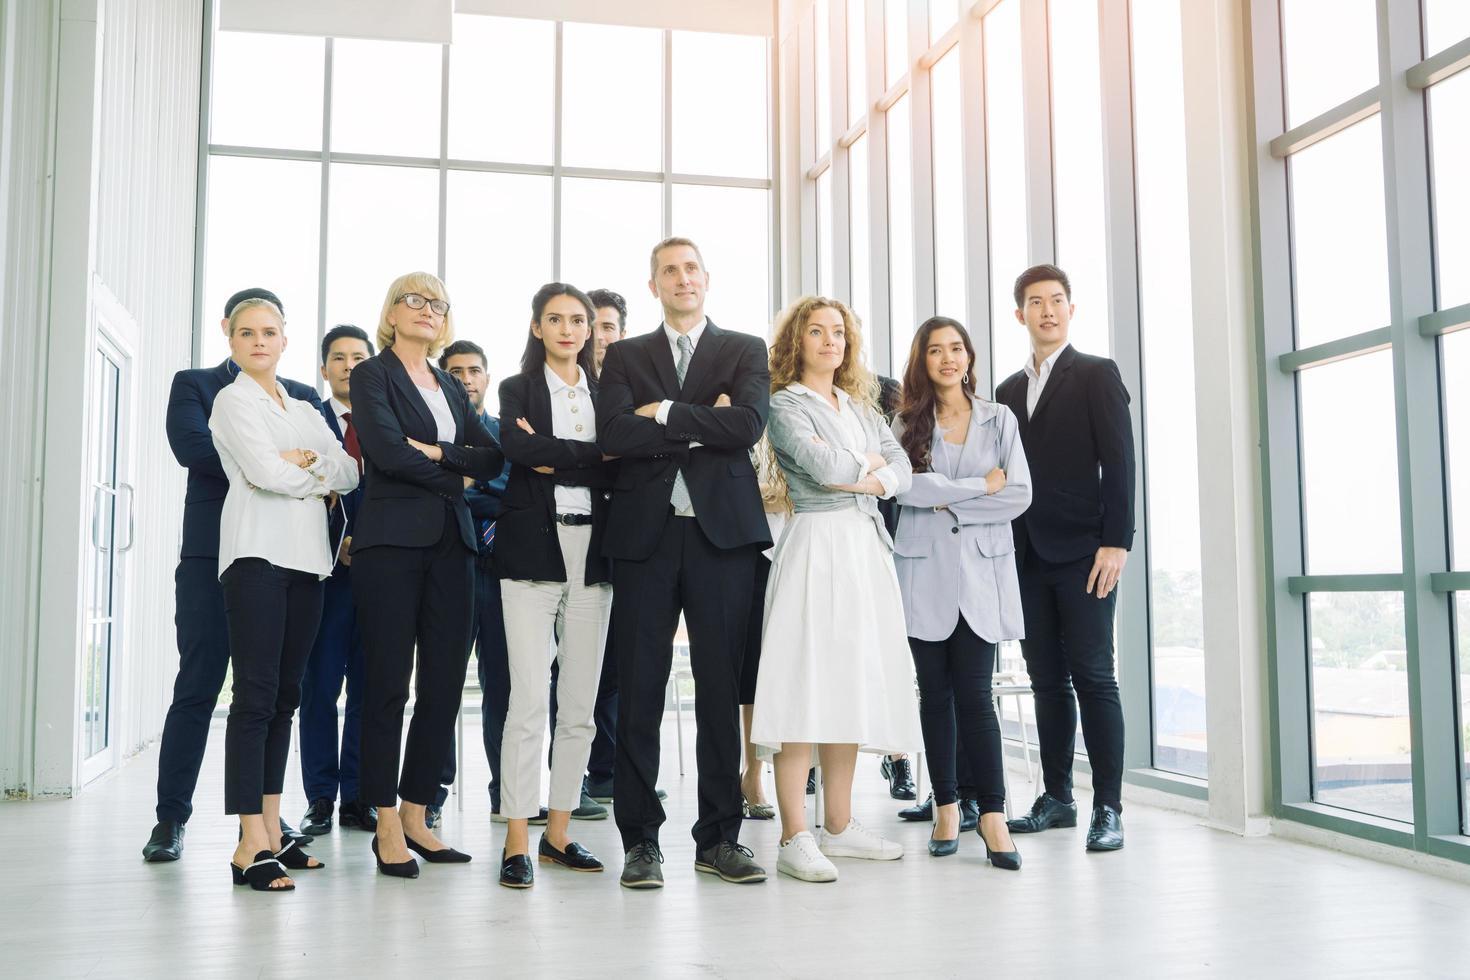 eine Gruppe von Profis, die mit verschränkten Armen posieren foto